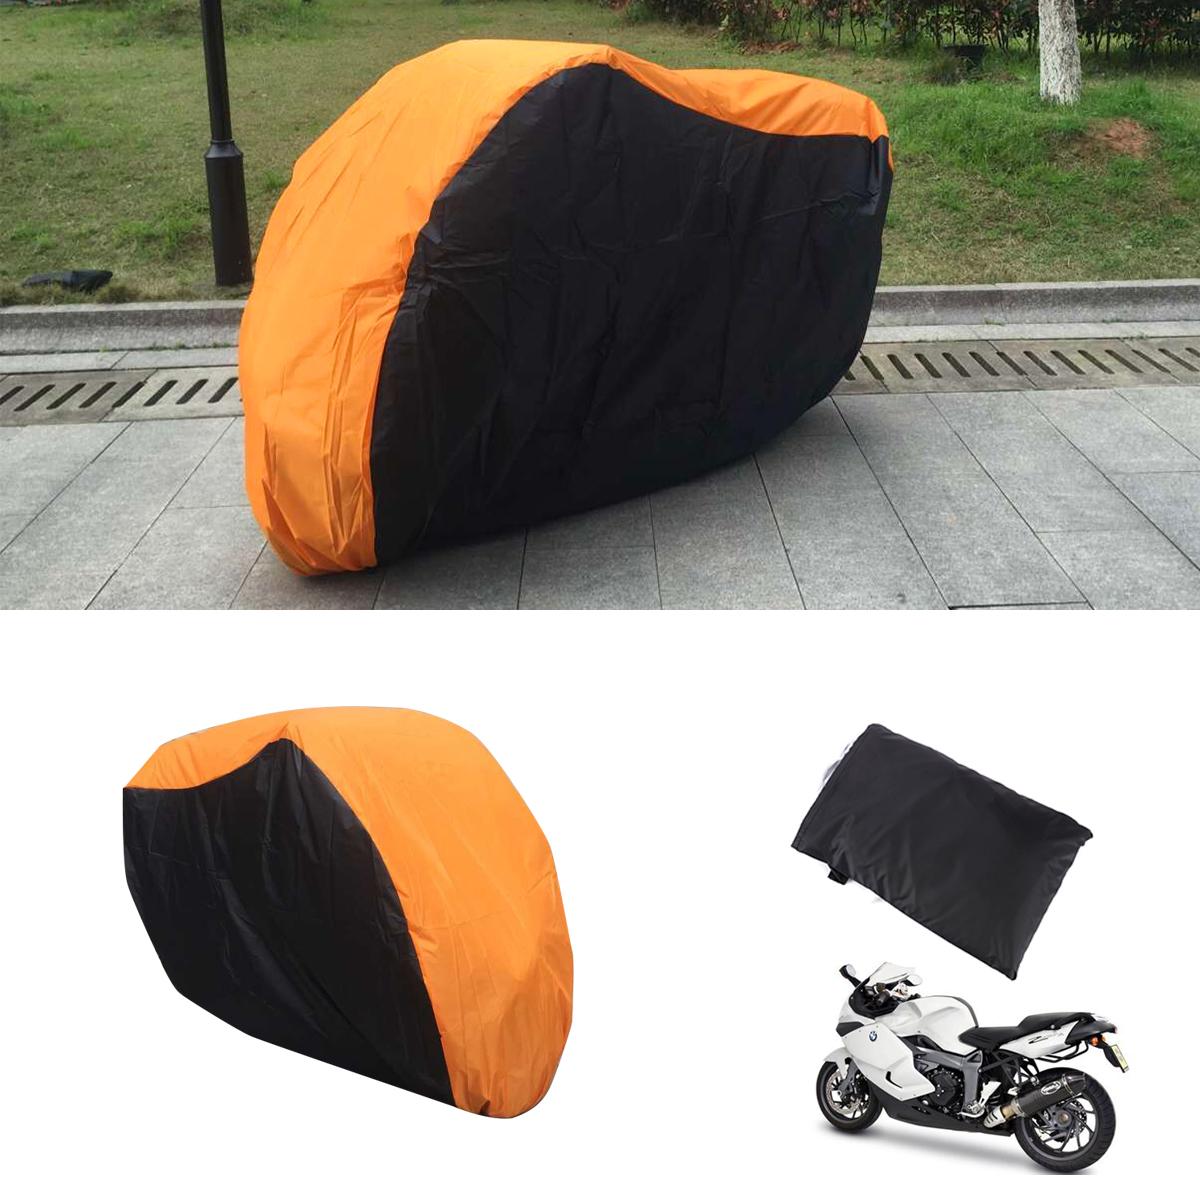 Housse bache moto protection interieur exterieur taille xl for Bache moto exterieur